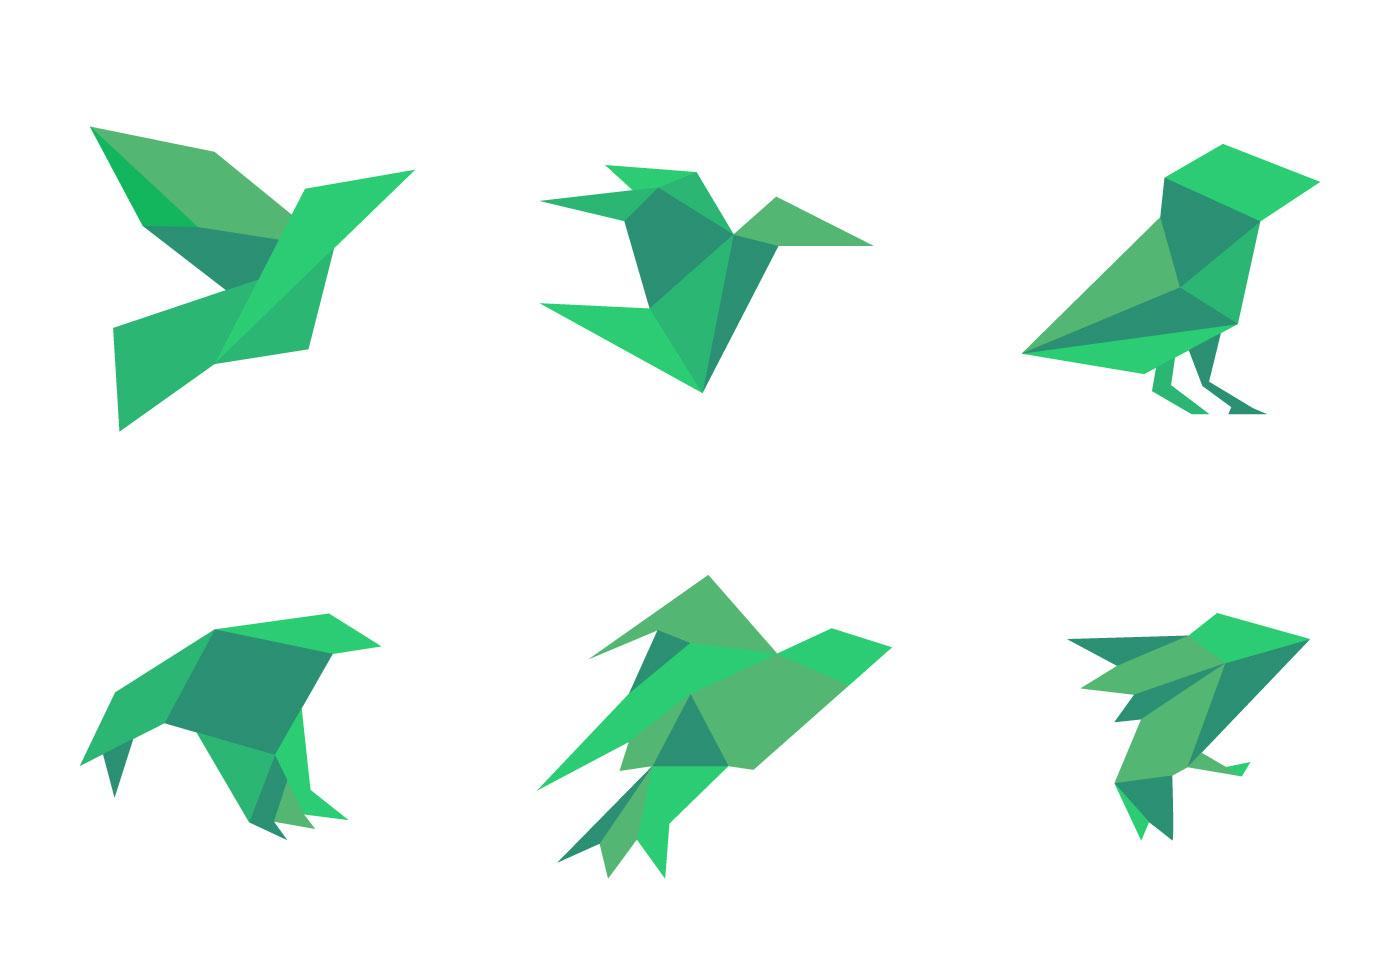 Simple Wonderful Bird Vectors - Download Free Vector Art ... - photo#48